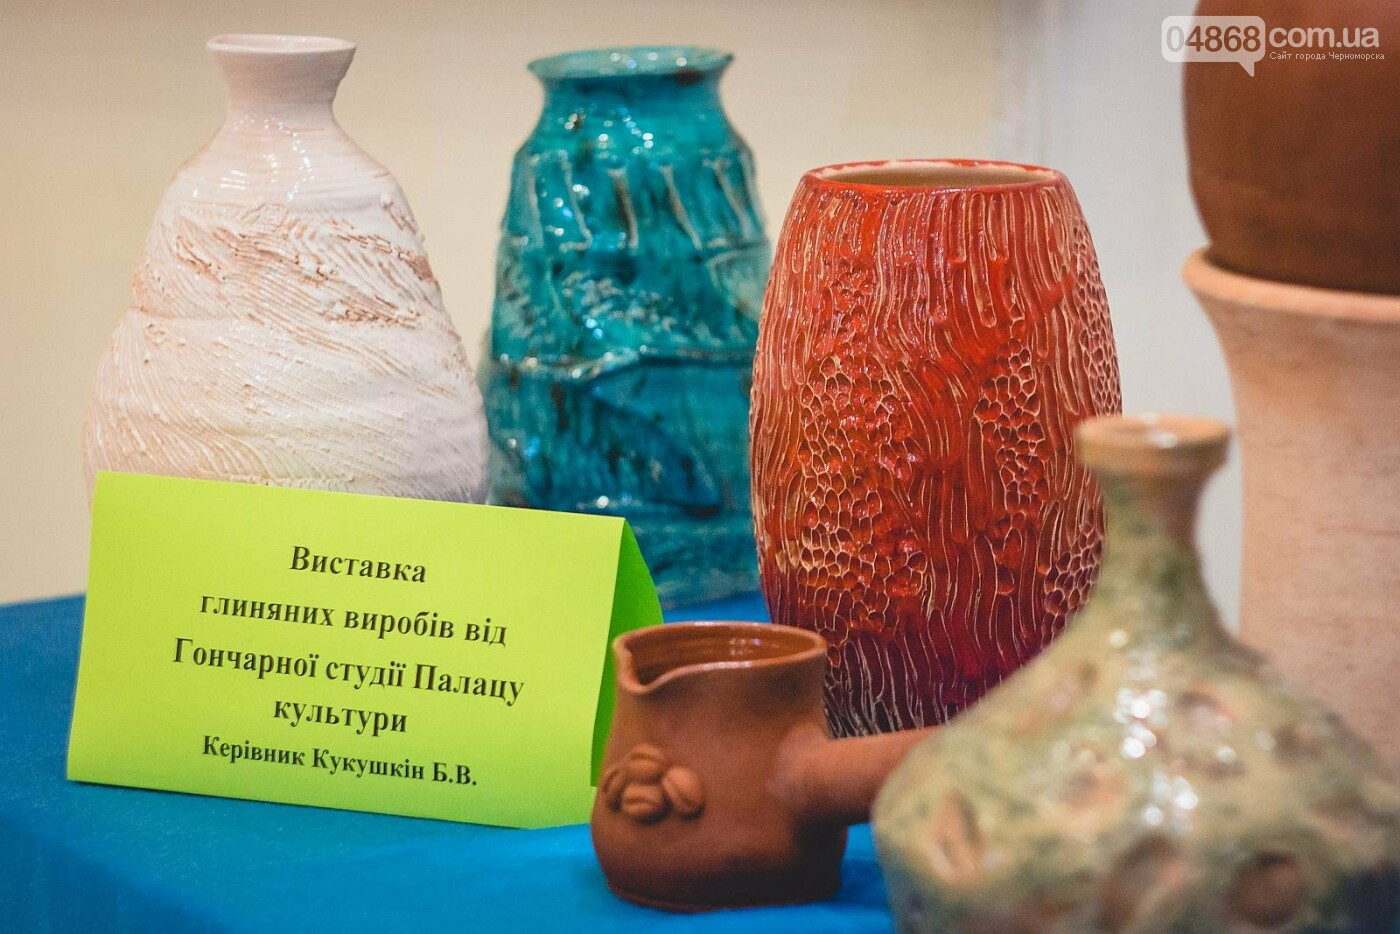 Во Дворце культуры Черноморска работает гончарная мастерская, фото-2